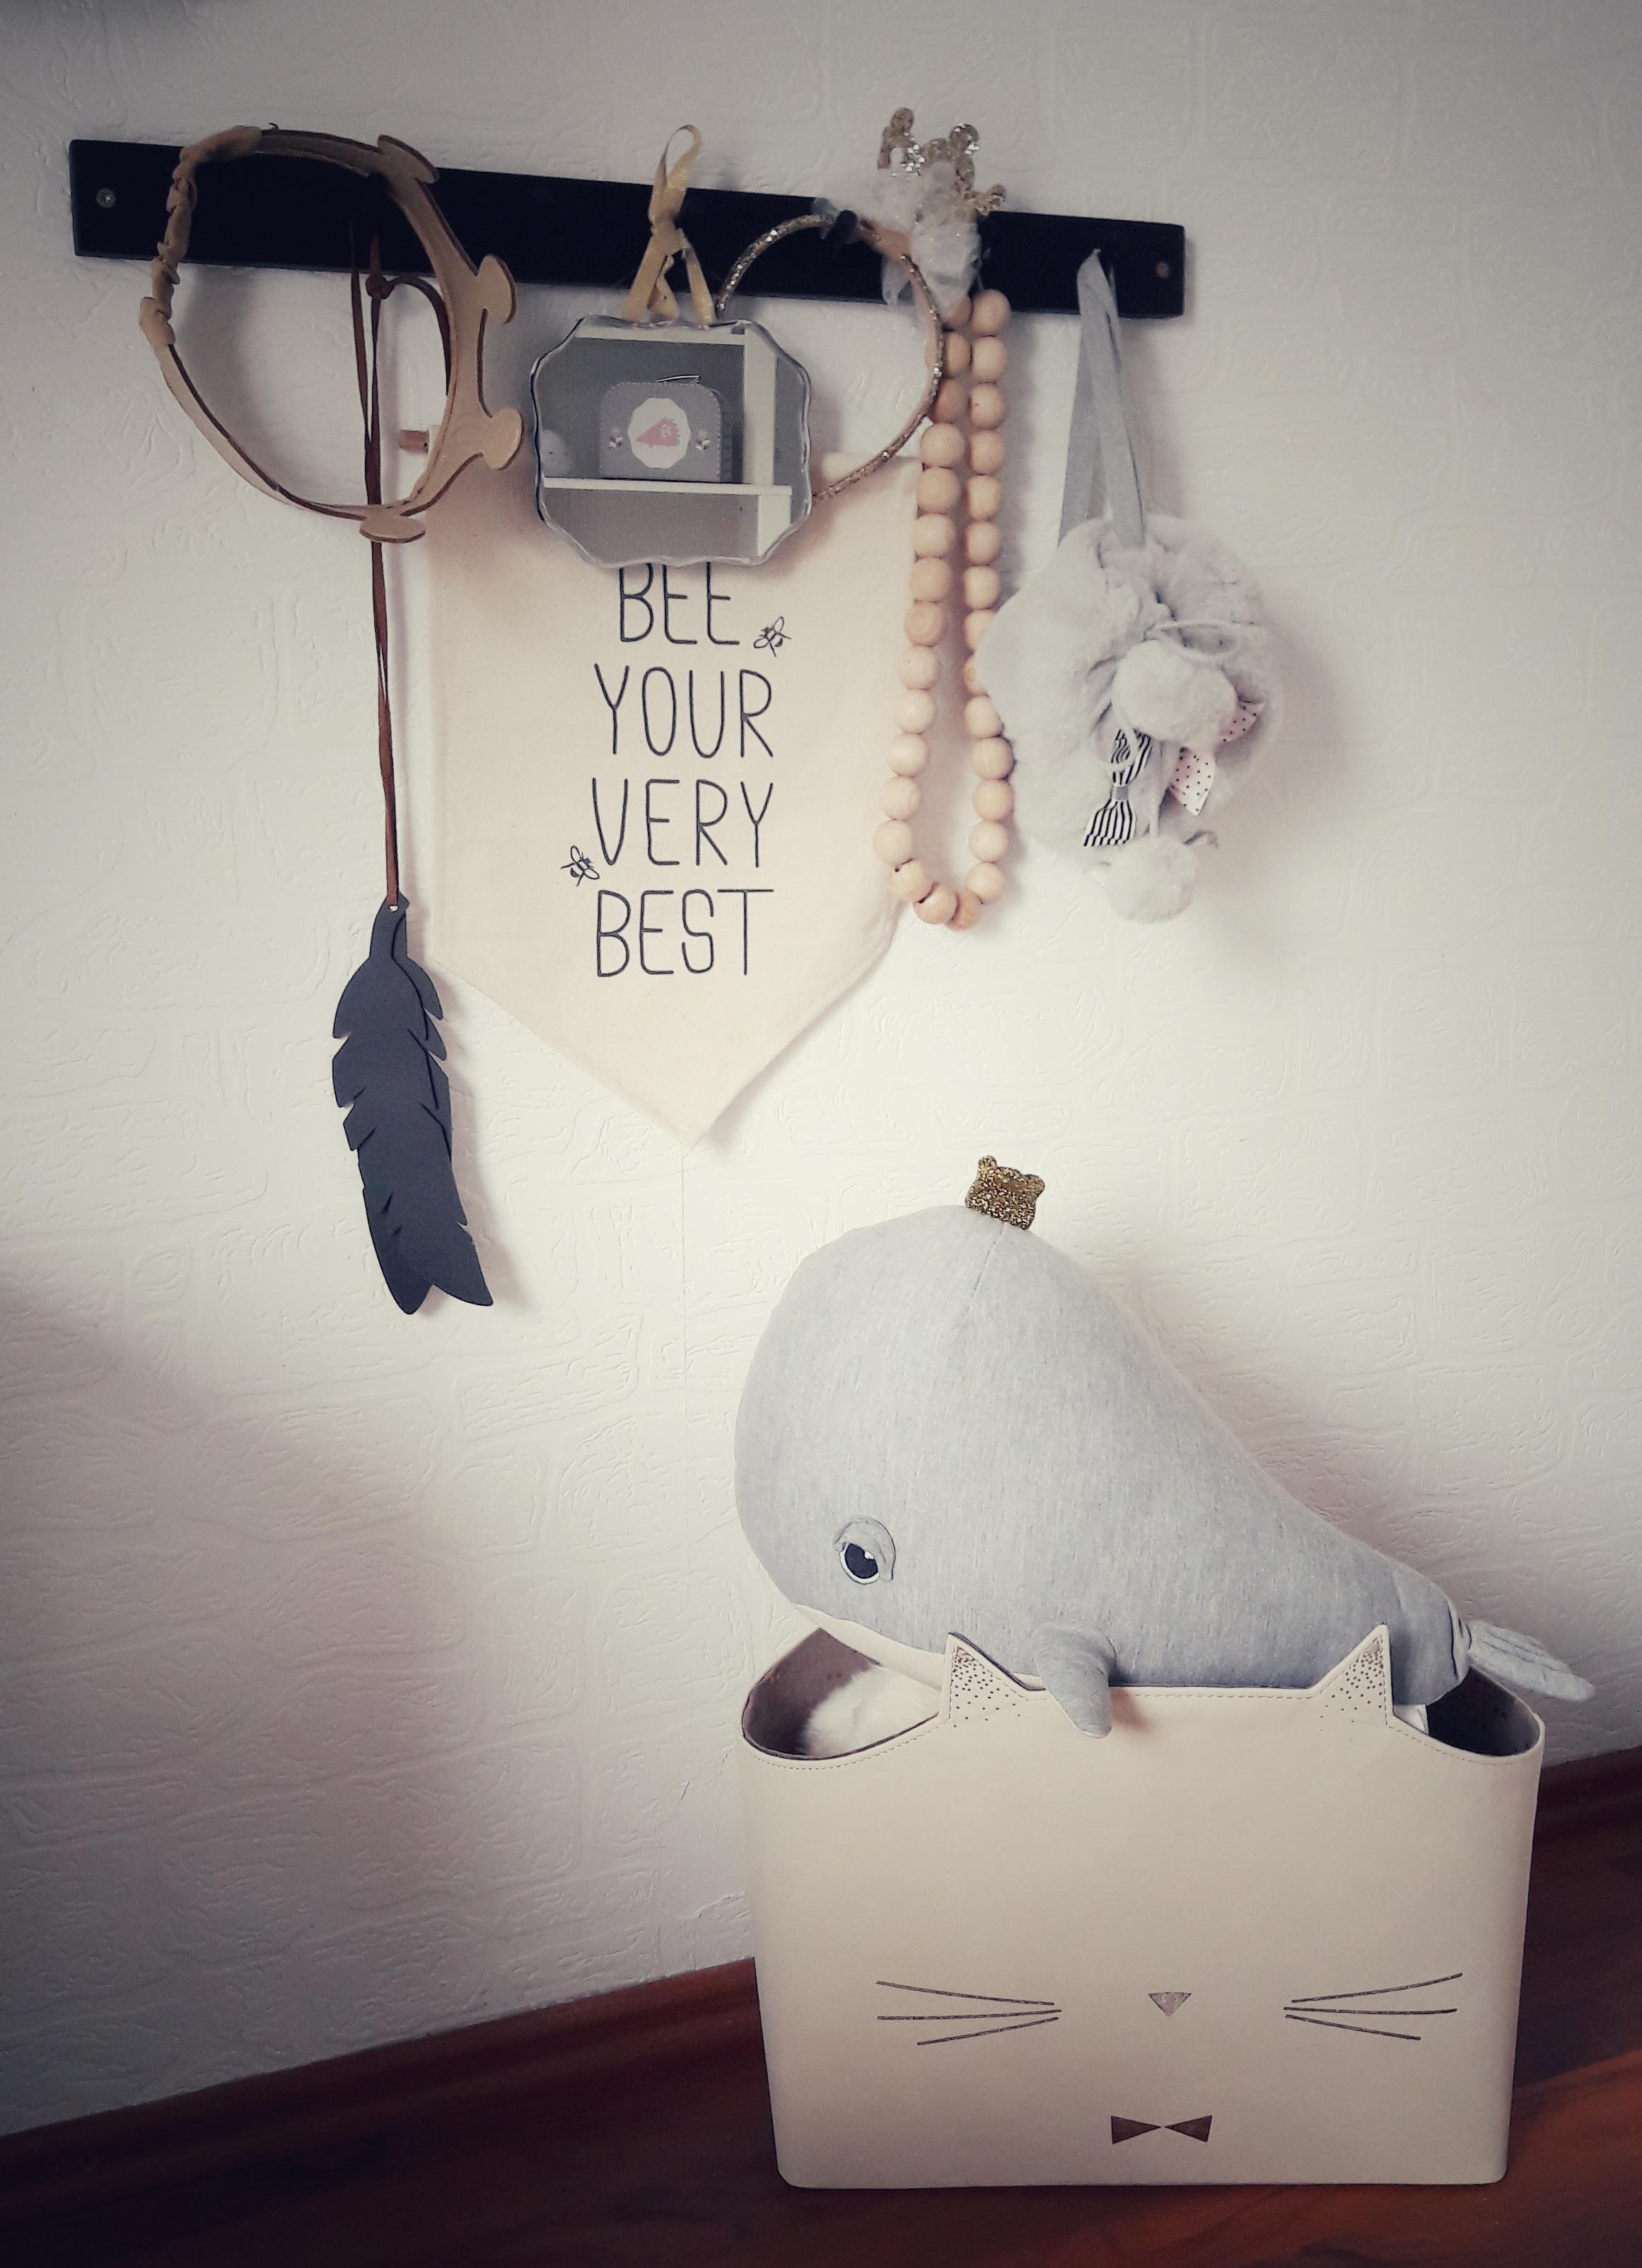 Verzauberkunst Garderobenhaken Kinderzimmer Foto Von Mäuschens Garderobe #kinderzimmer #garderobe #krone #maileg #wal